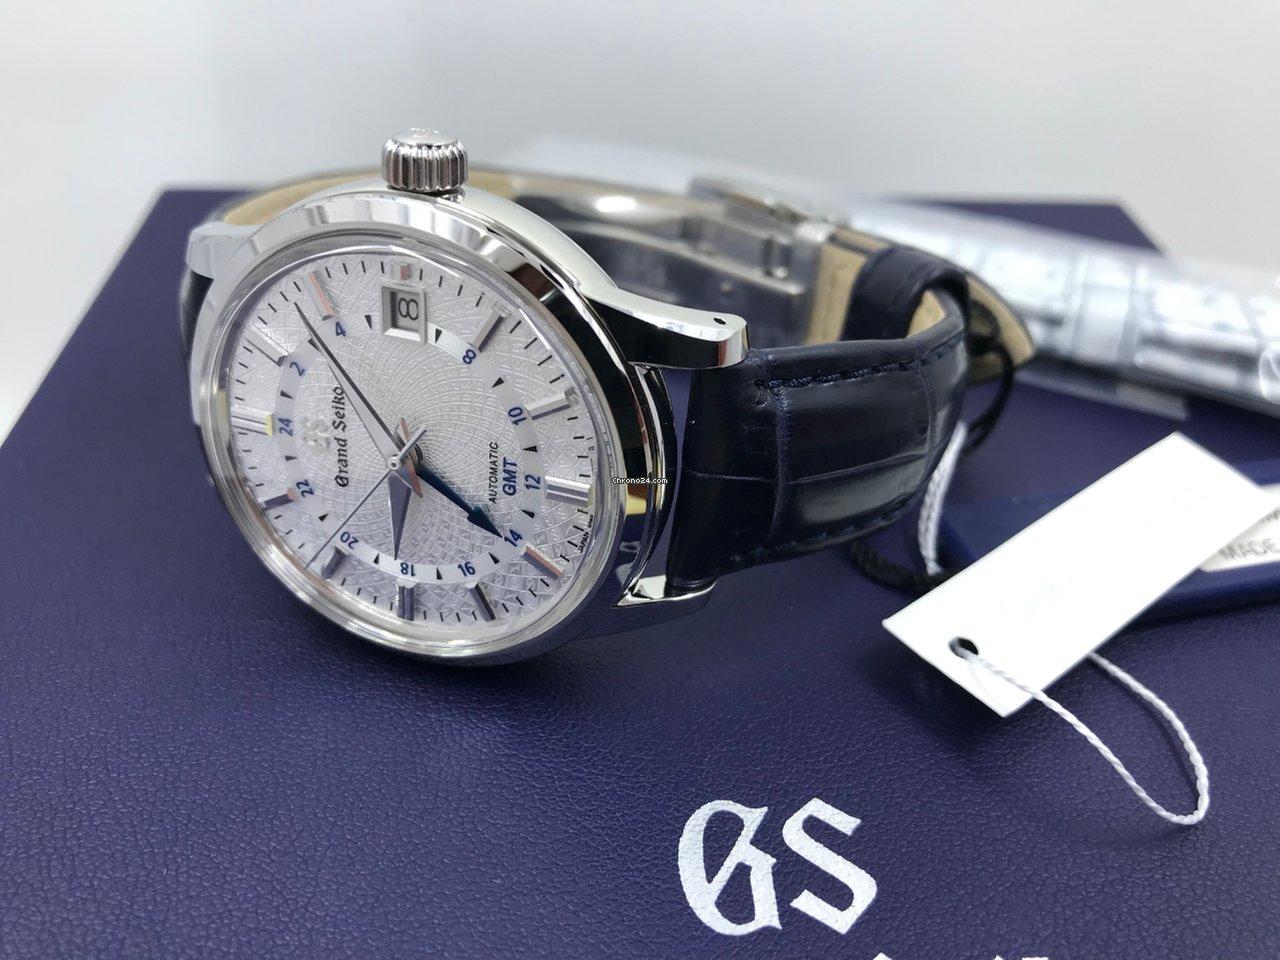 ea39c629a Seiko Grand Seiko - all prices for Seiko Grand Seiko watches on Chrono24